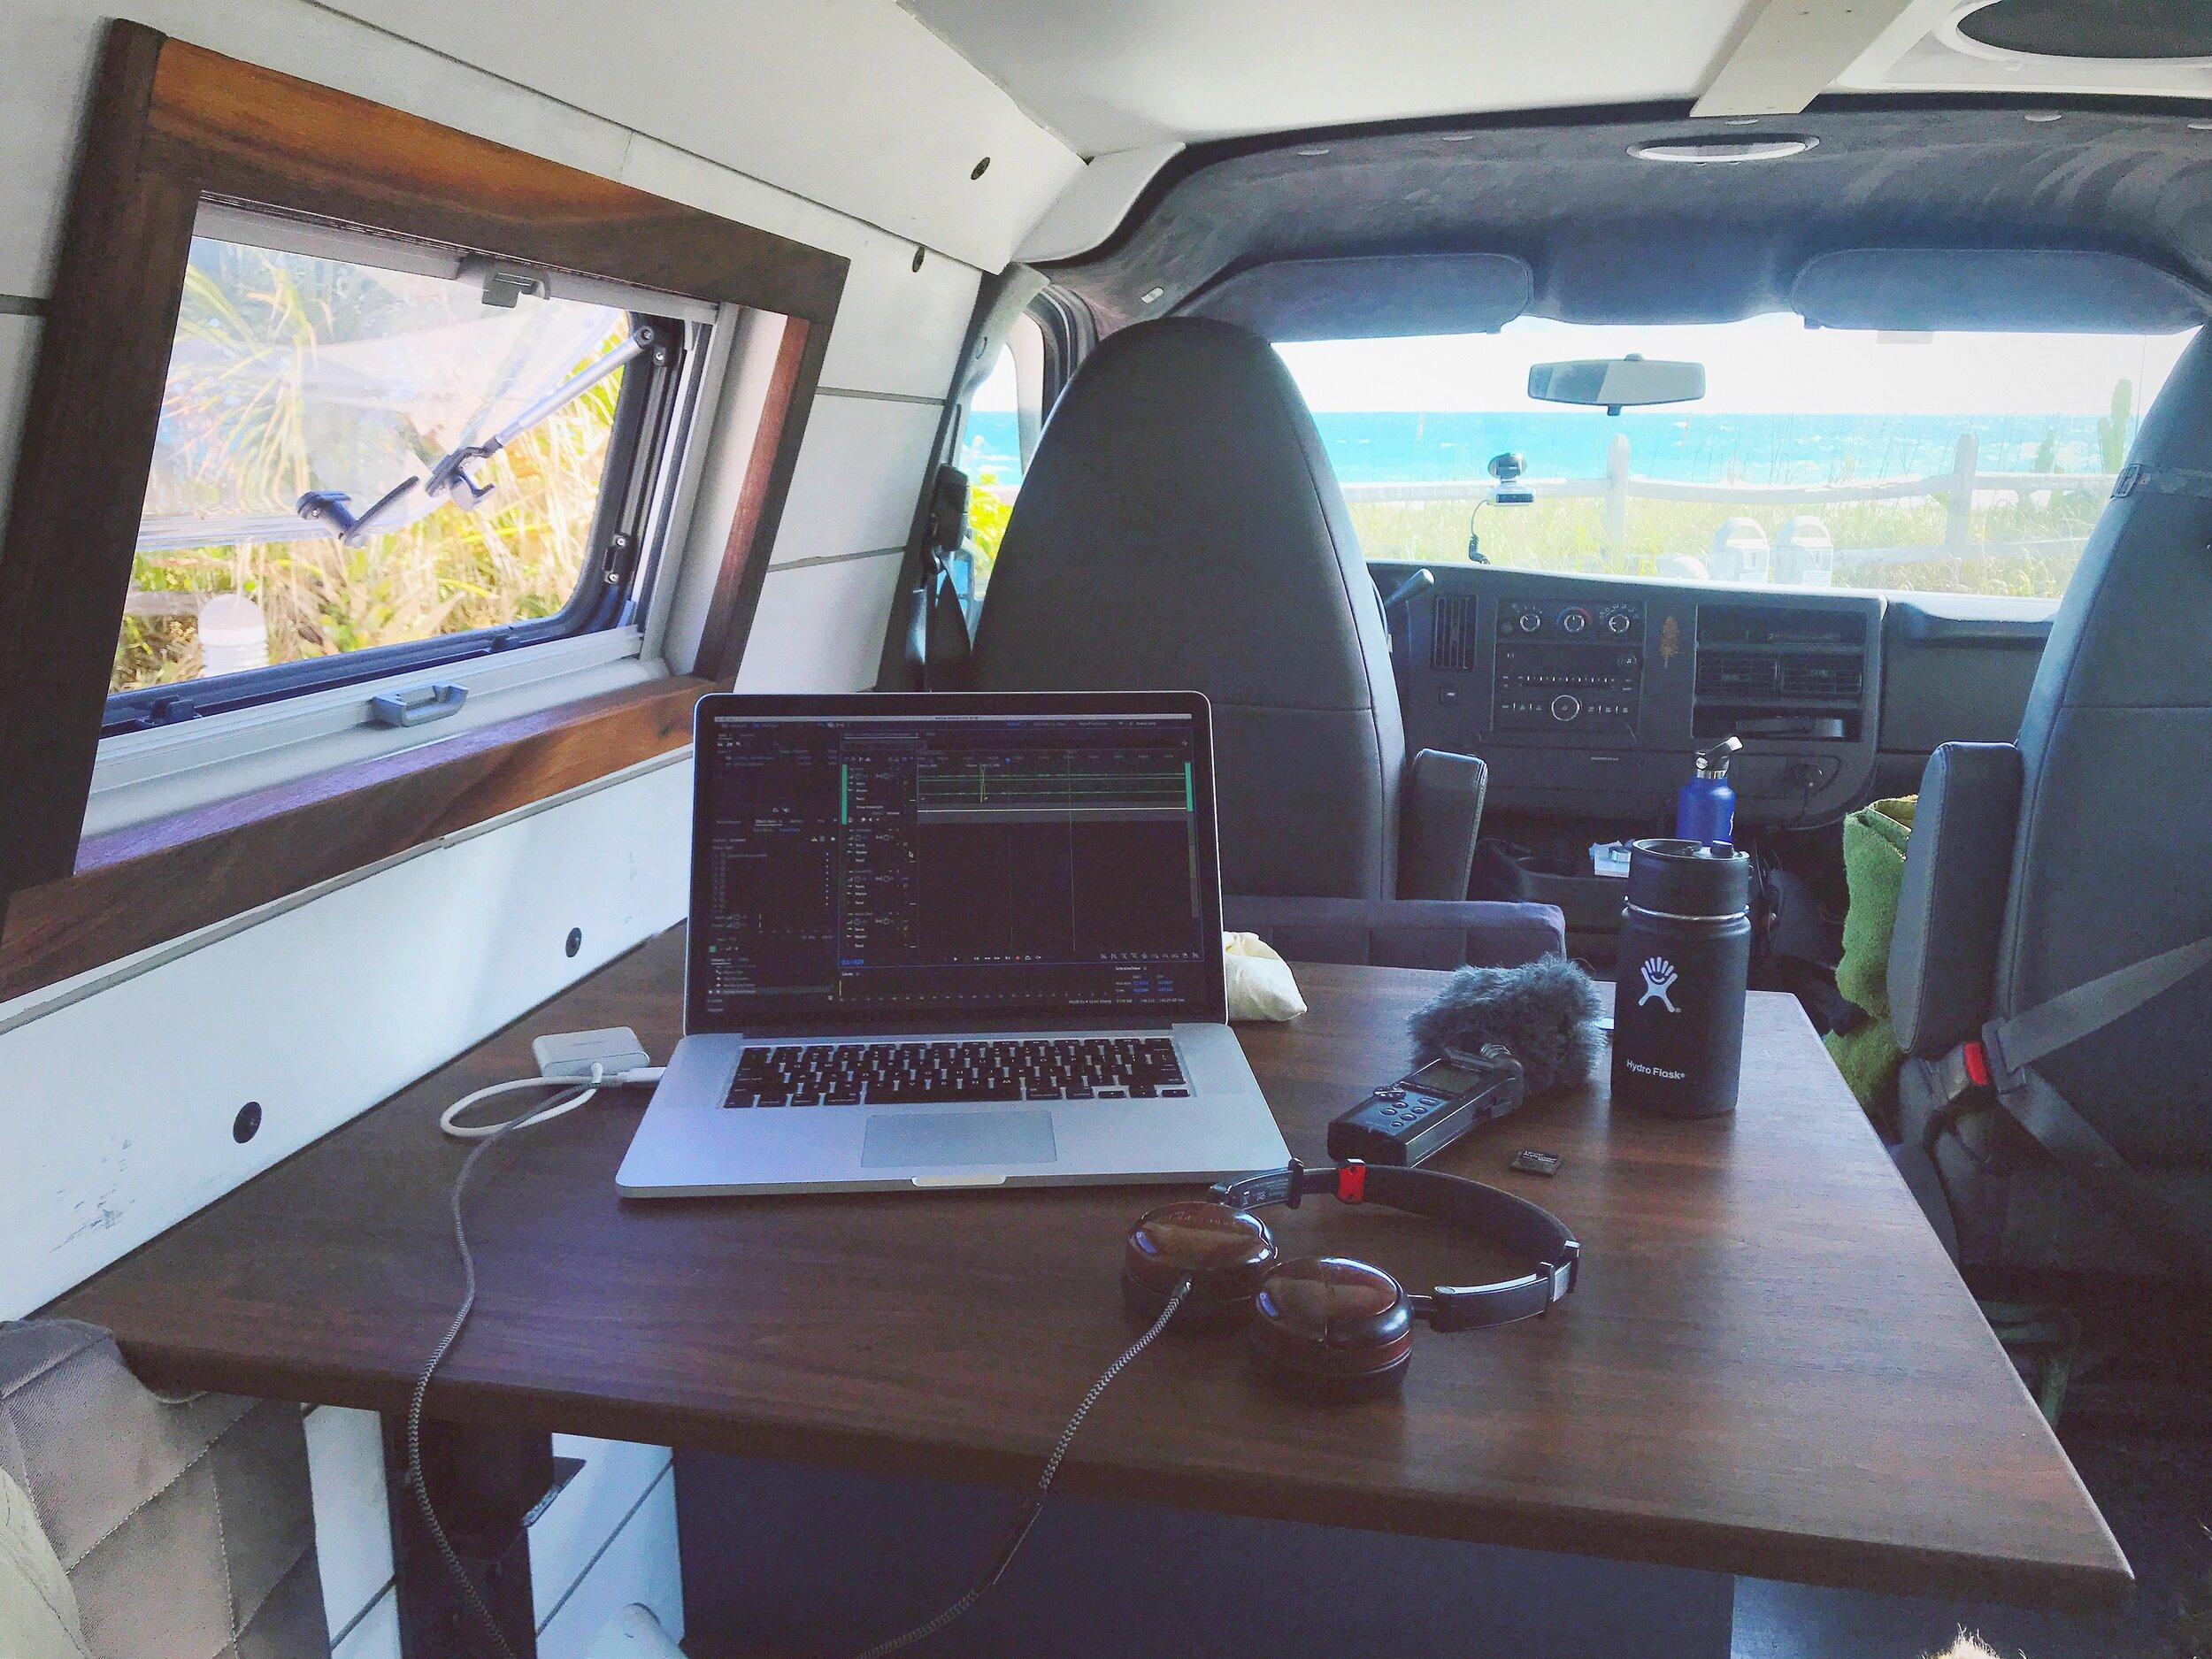 Vitruvian Van Office Setup